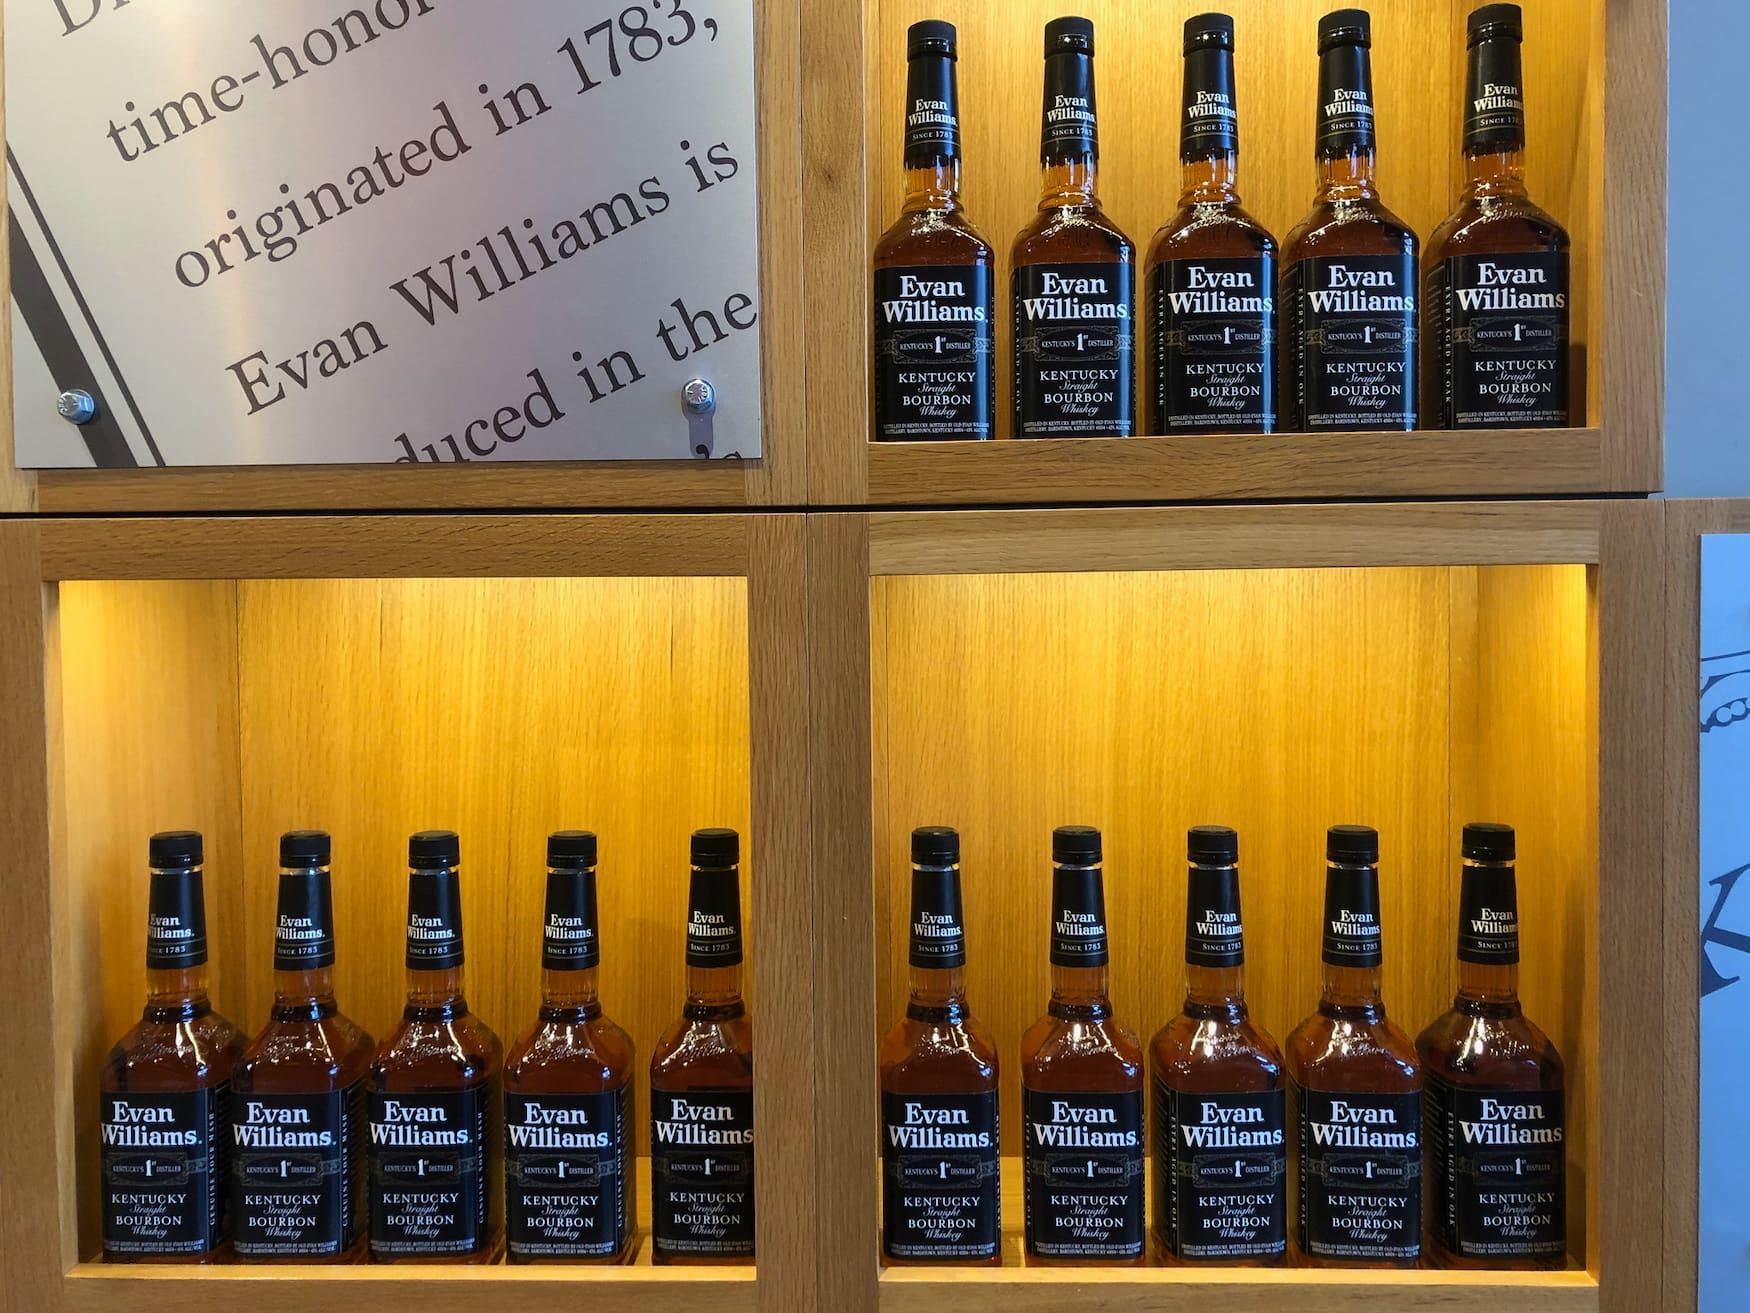 Louisville ist auch bekannt für seinen Bourbon